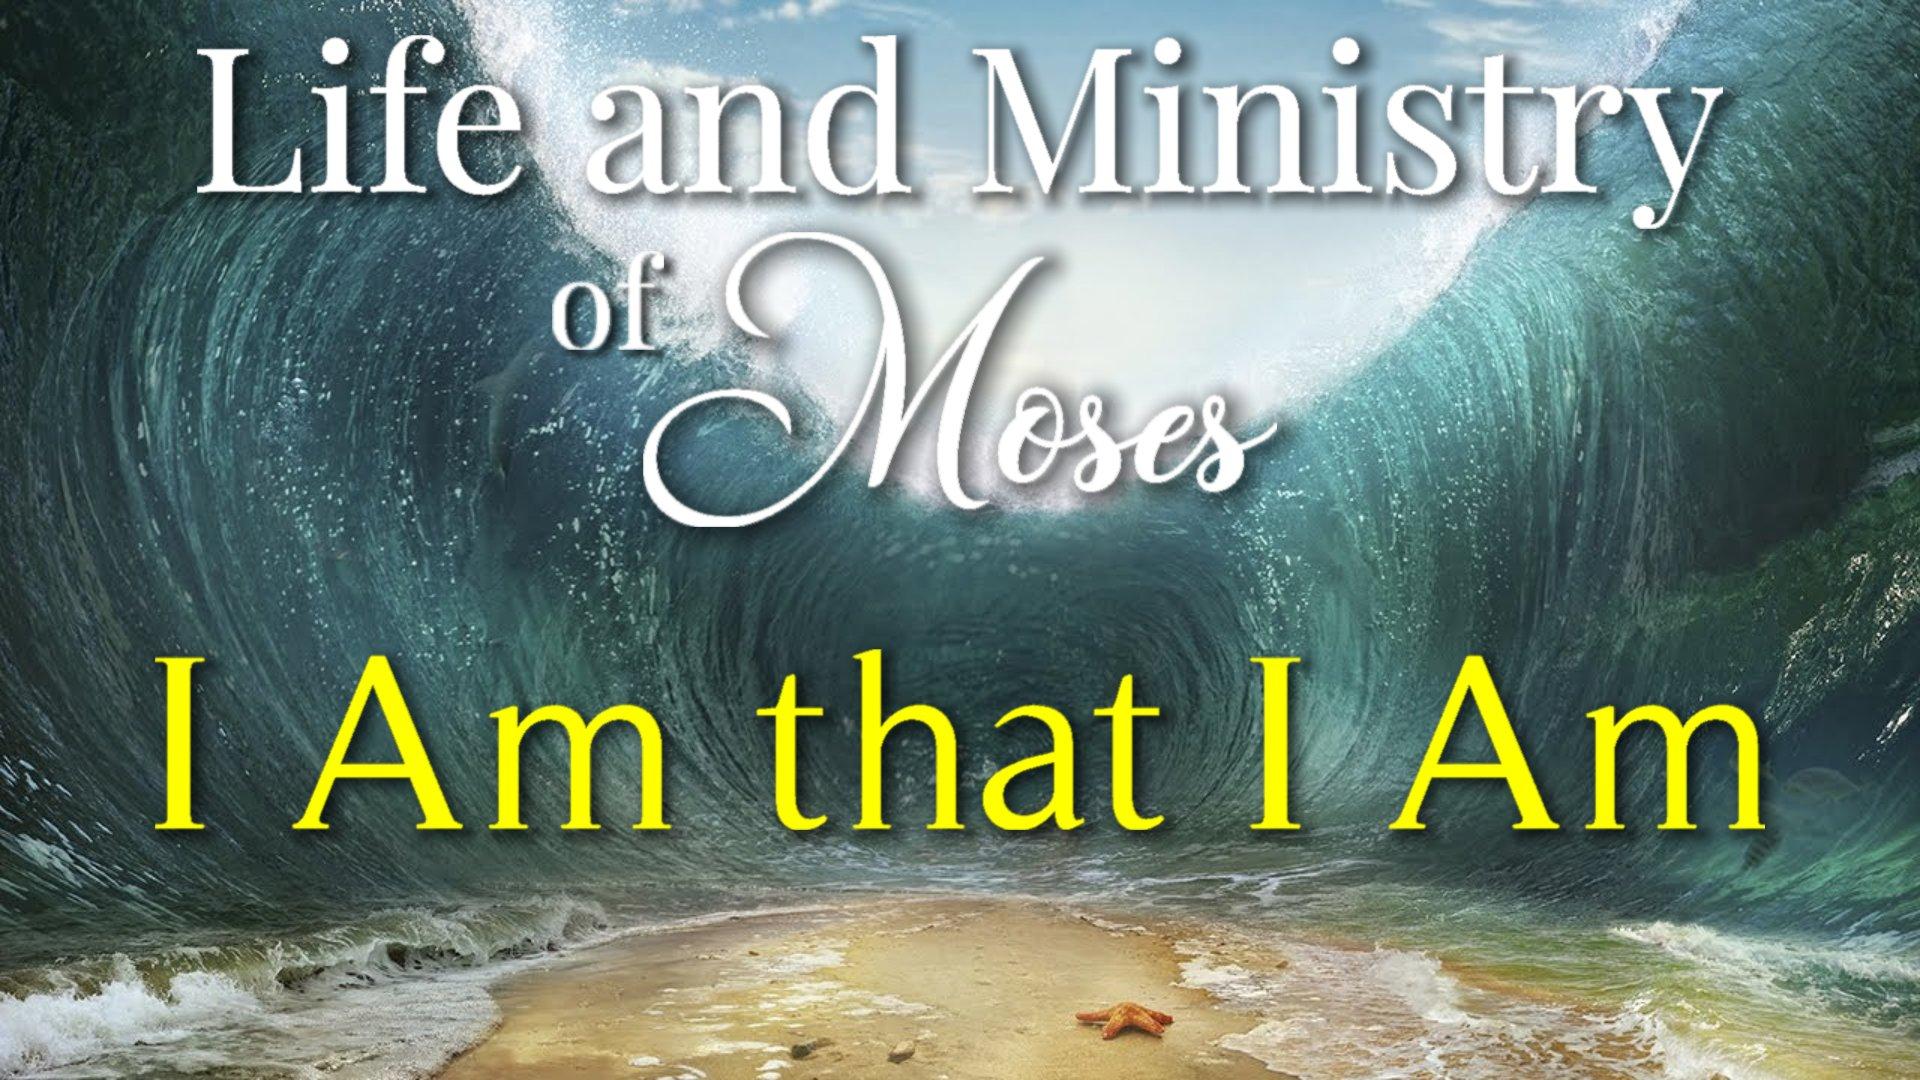 04 I Am that I Am